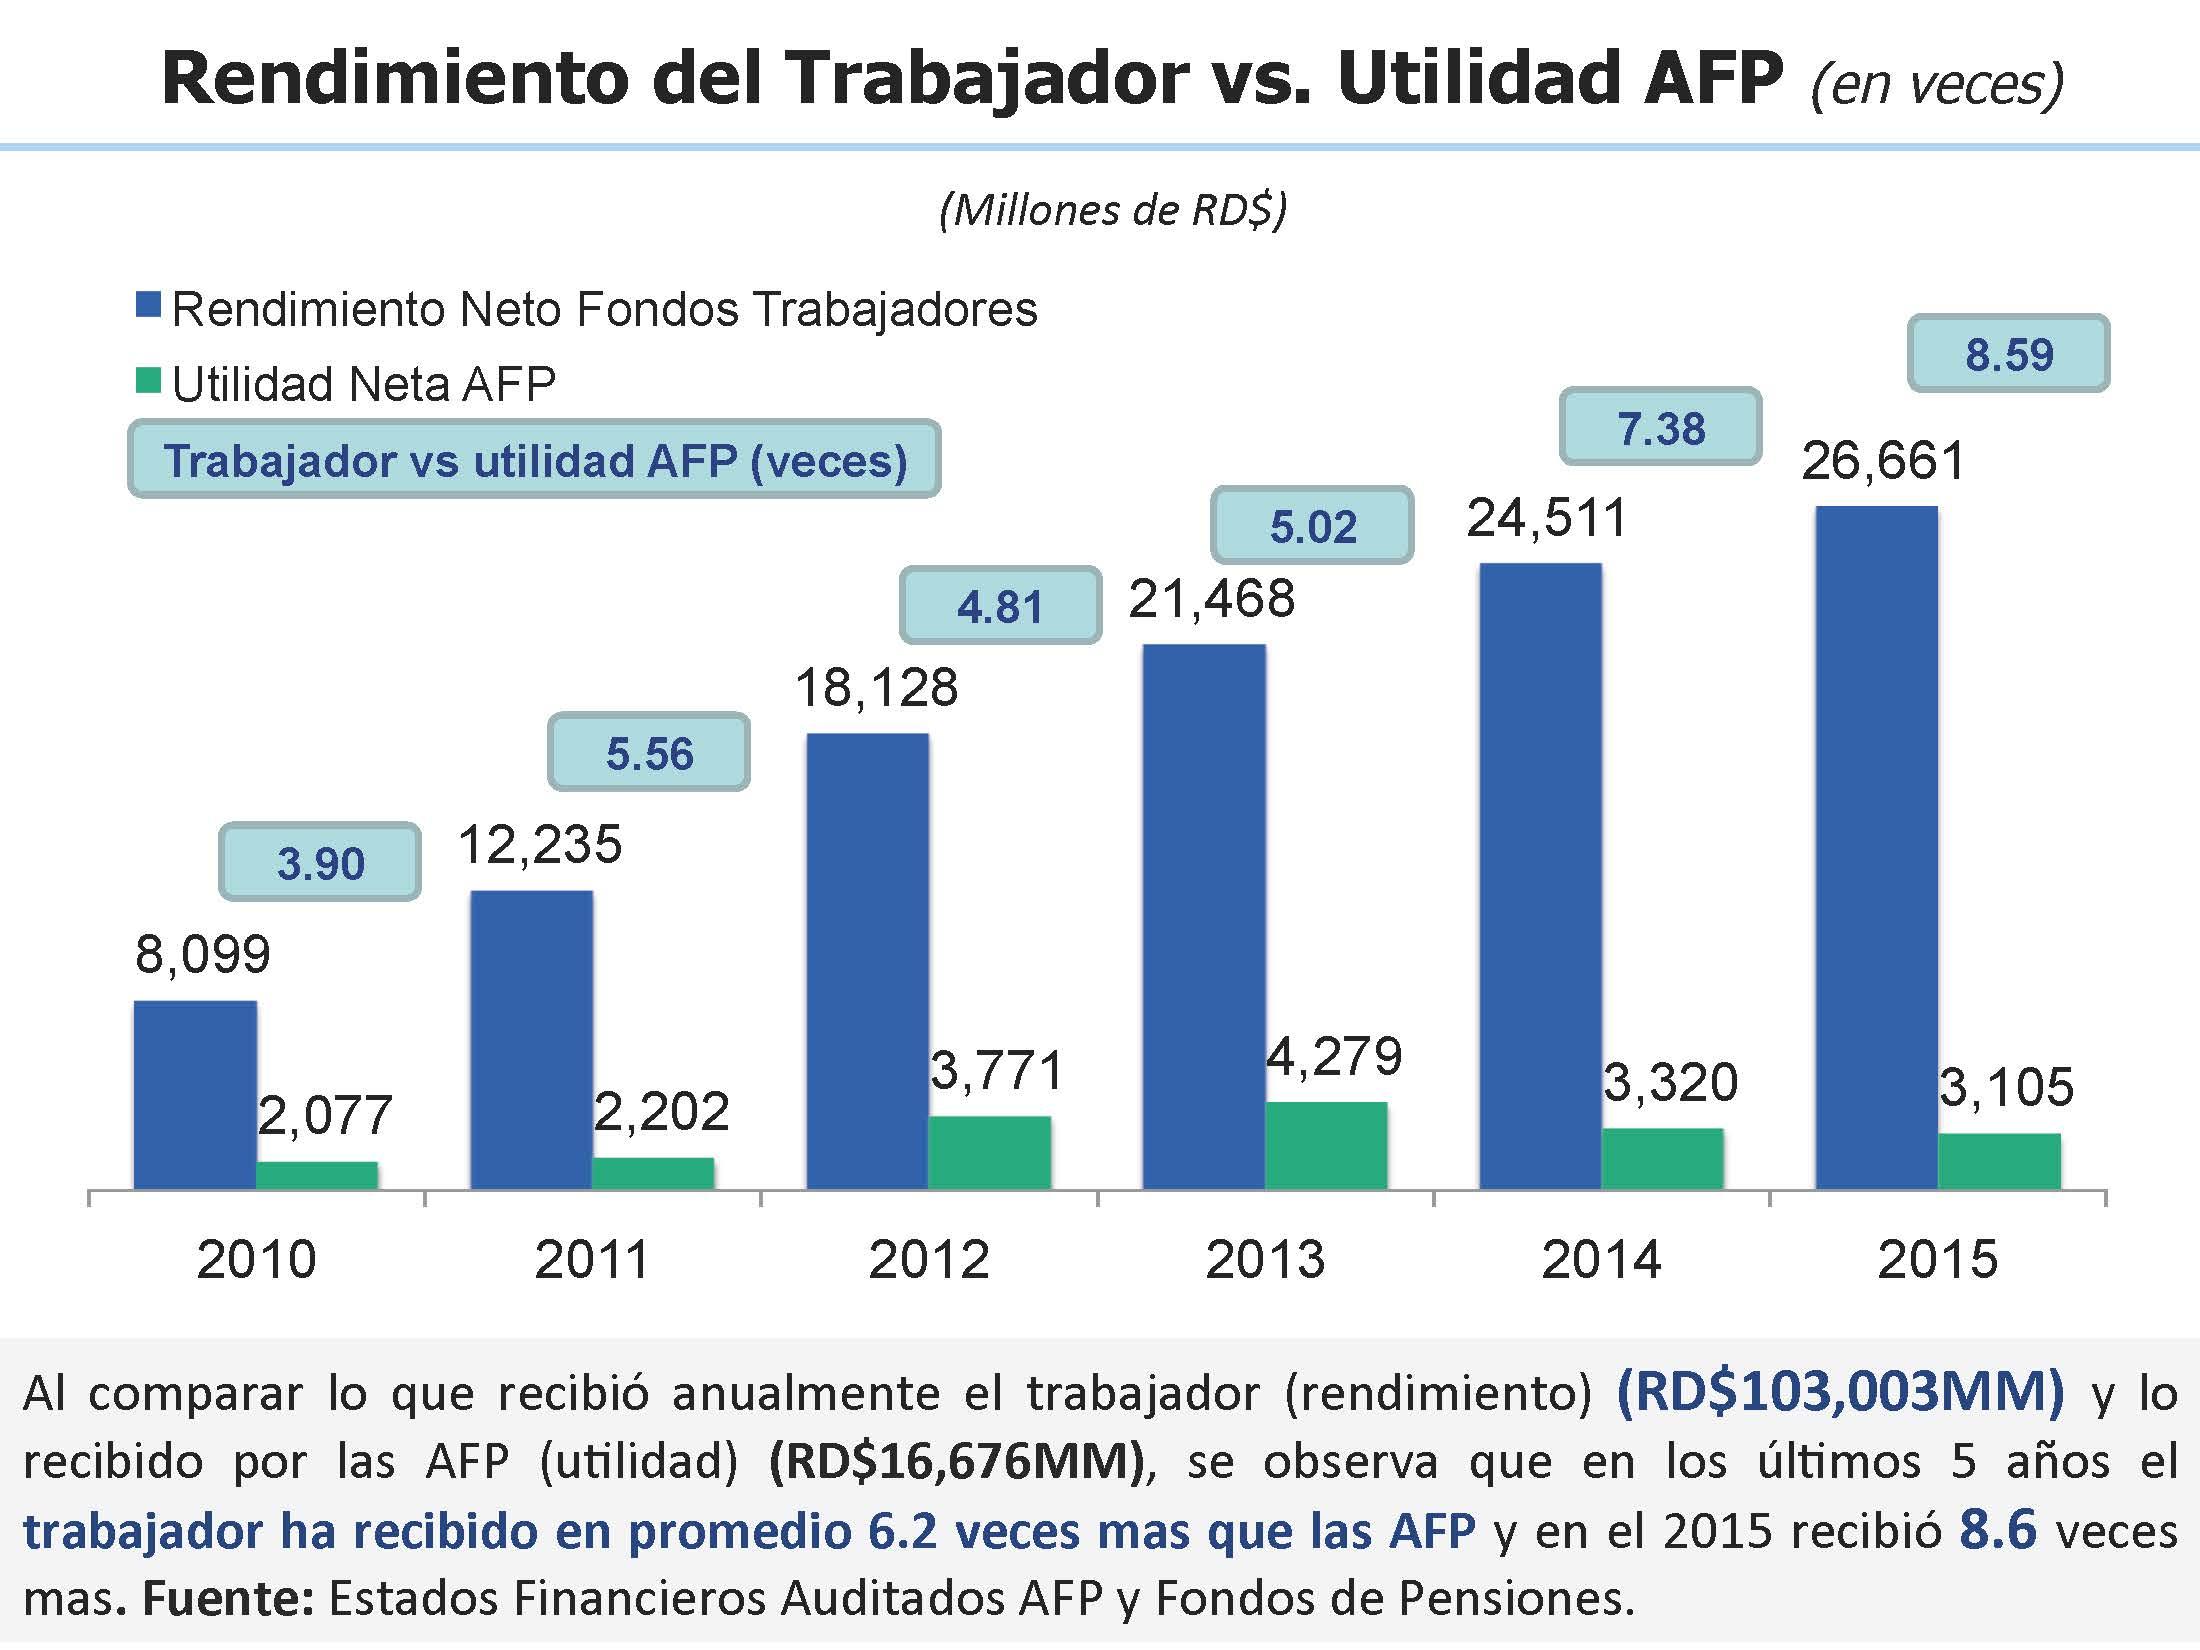 Rendimiento del Trabajador VS Utilidad AFP